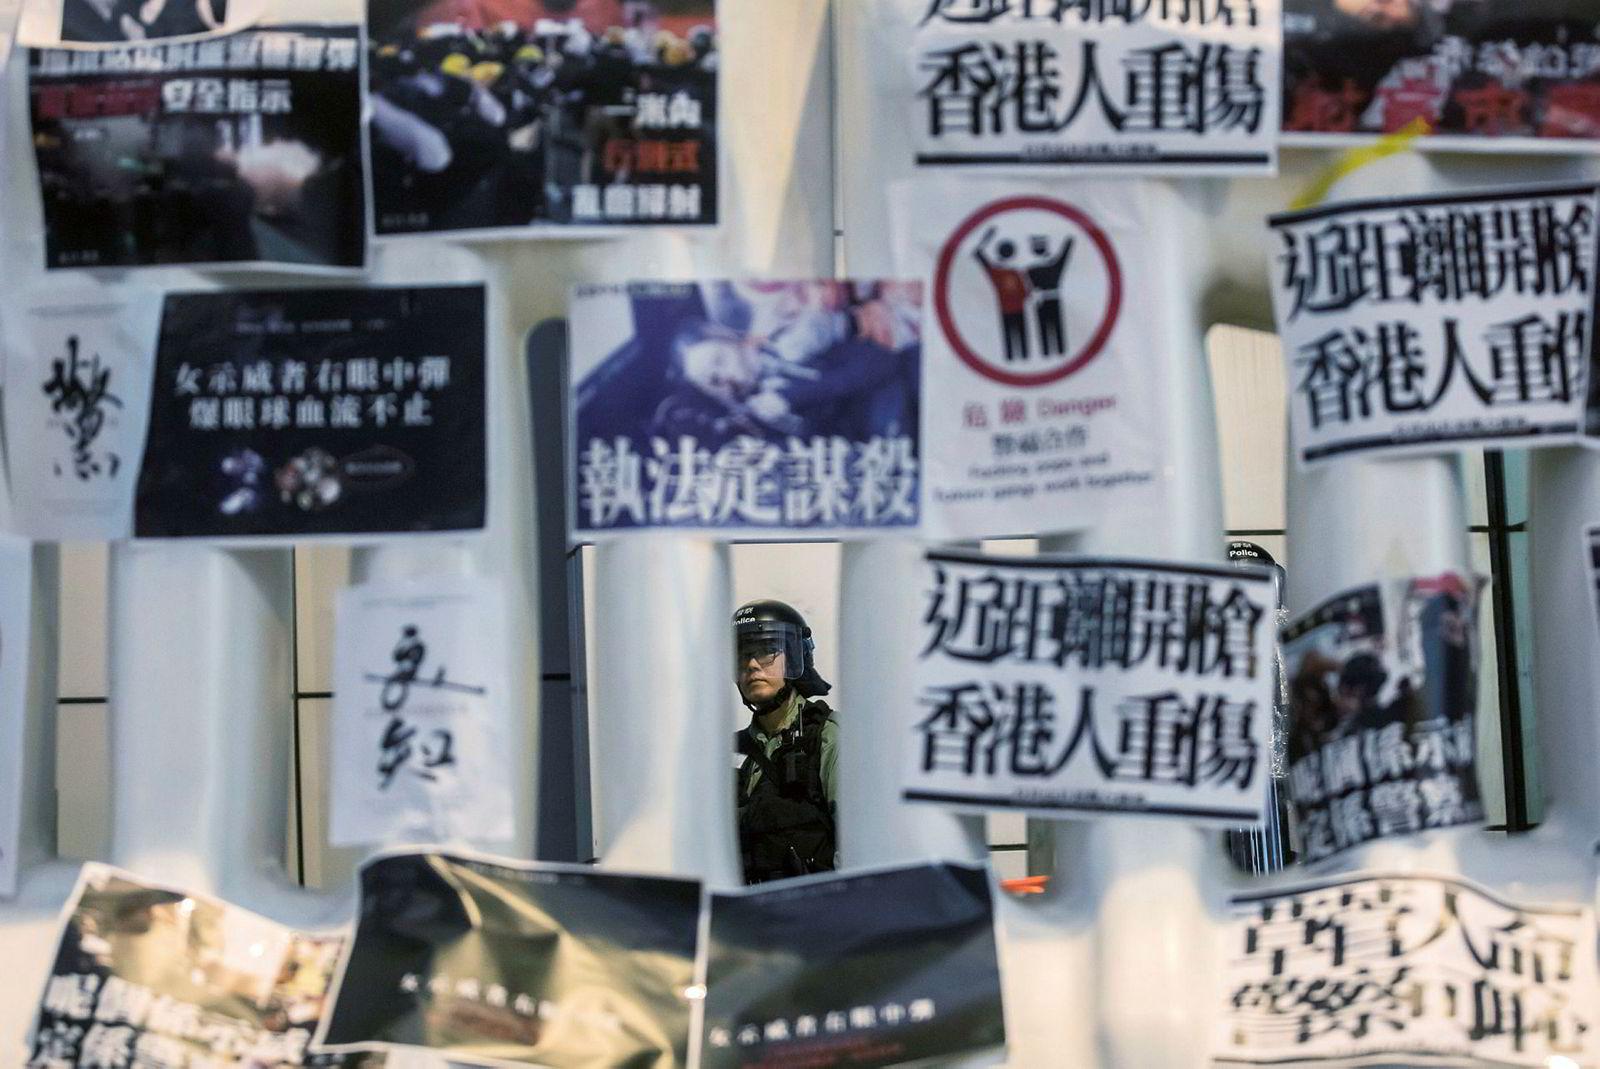 Millioner av mennesker har protestert i over to måneder etter et lovforslag som gikk ut på at mistenkte kriminelle kunne bli utlevert til det kinesiske fastlandet. Demonstrantene frykter at Kina forsøker å innskrenke Hongkong-innbyggernes rettigheter.